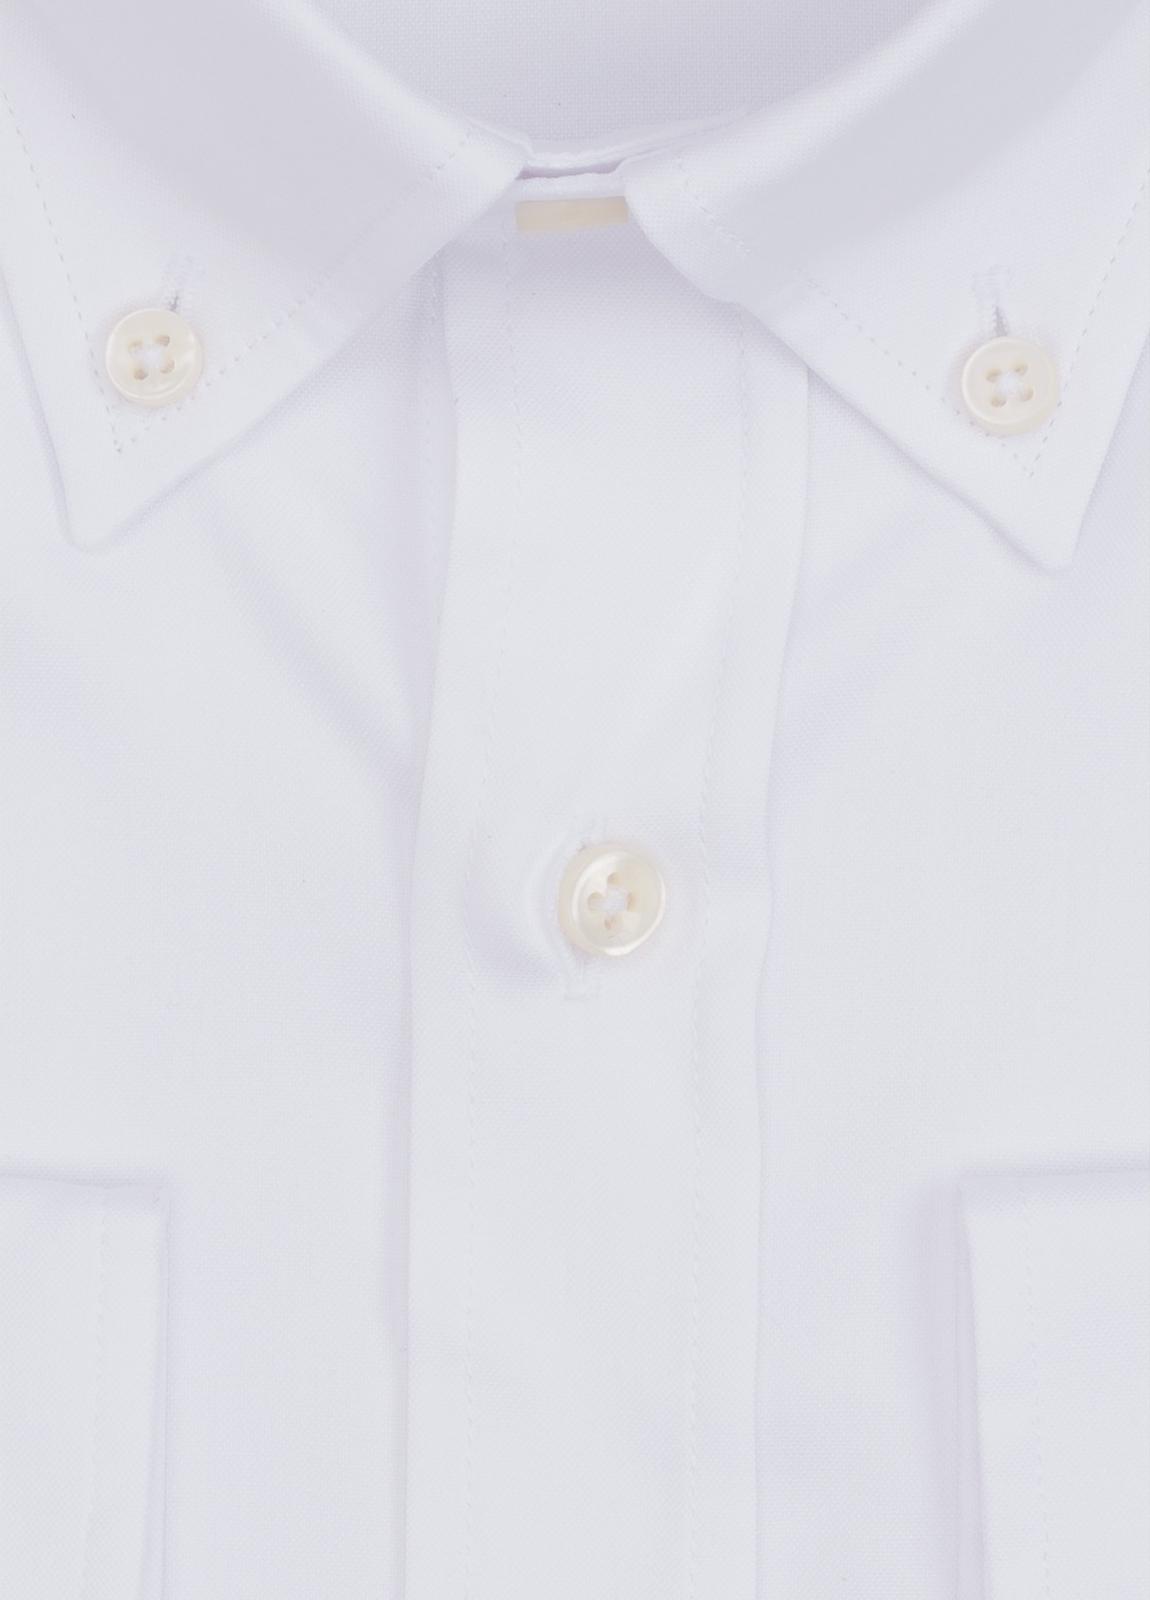 Camisa Formal Wear REGULAR FIT modelo BOTTON DOWN color blanco. 100% Algodón. - Ítem1